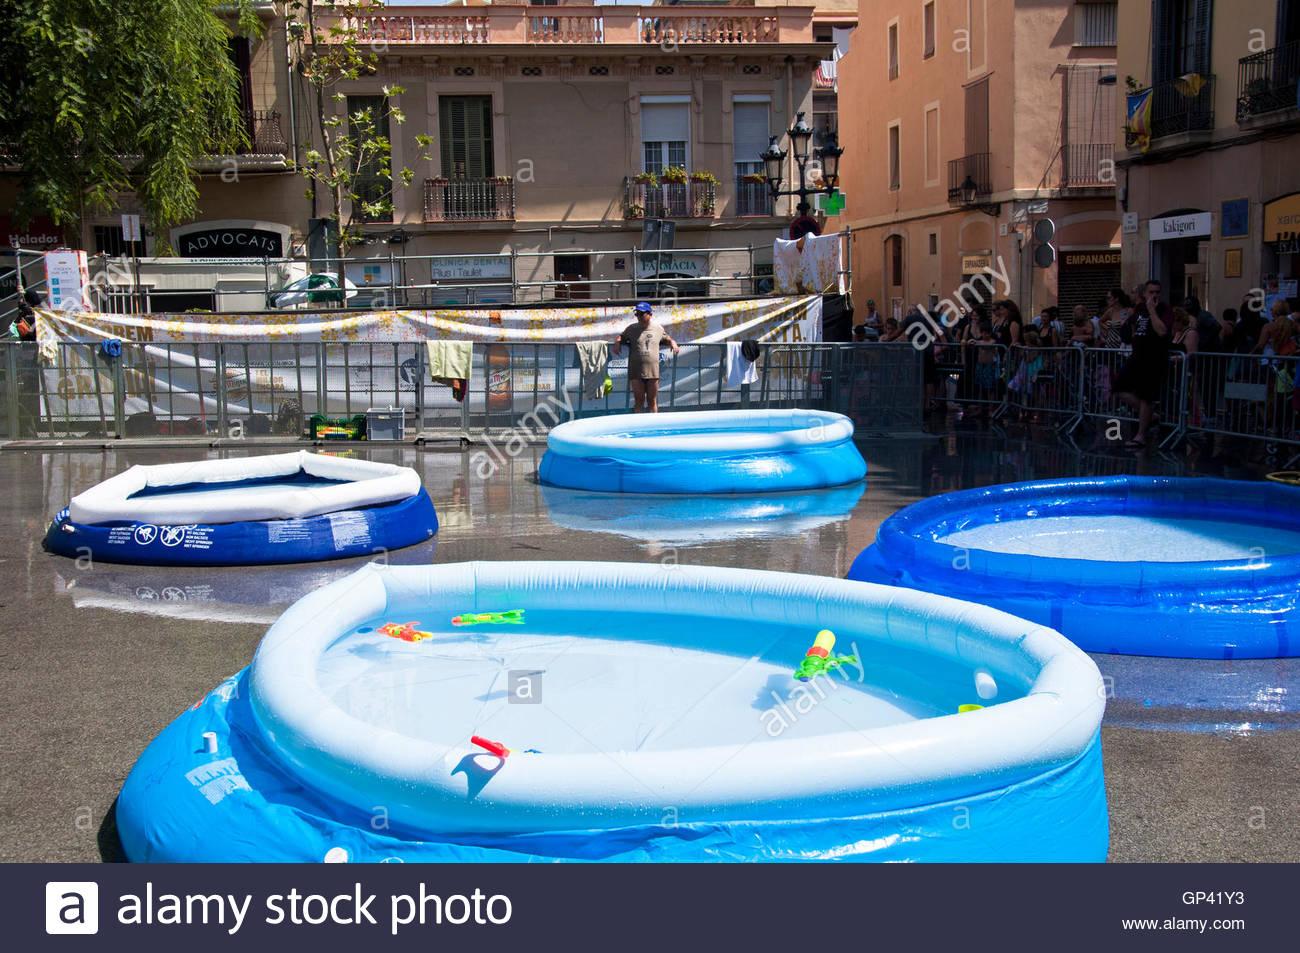 Reloj para piscina cheap envo gratis unidades piscina de for Reloj piscina